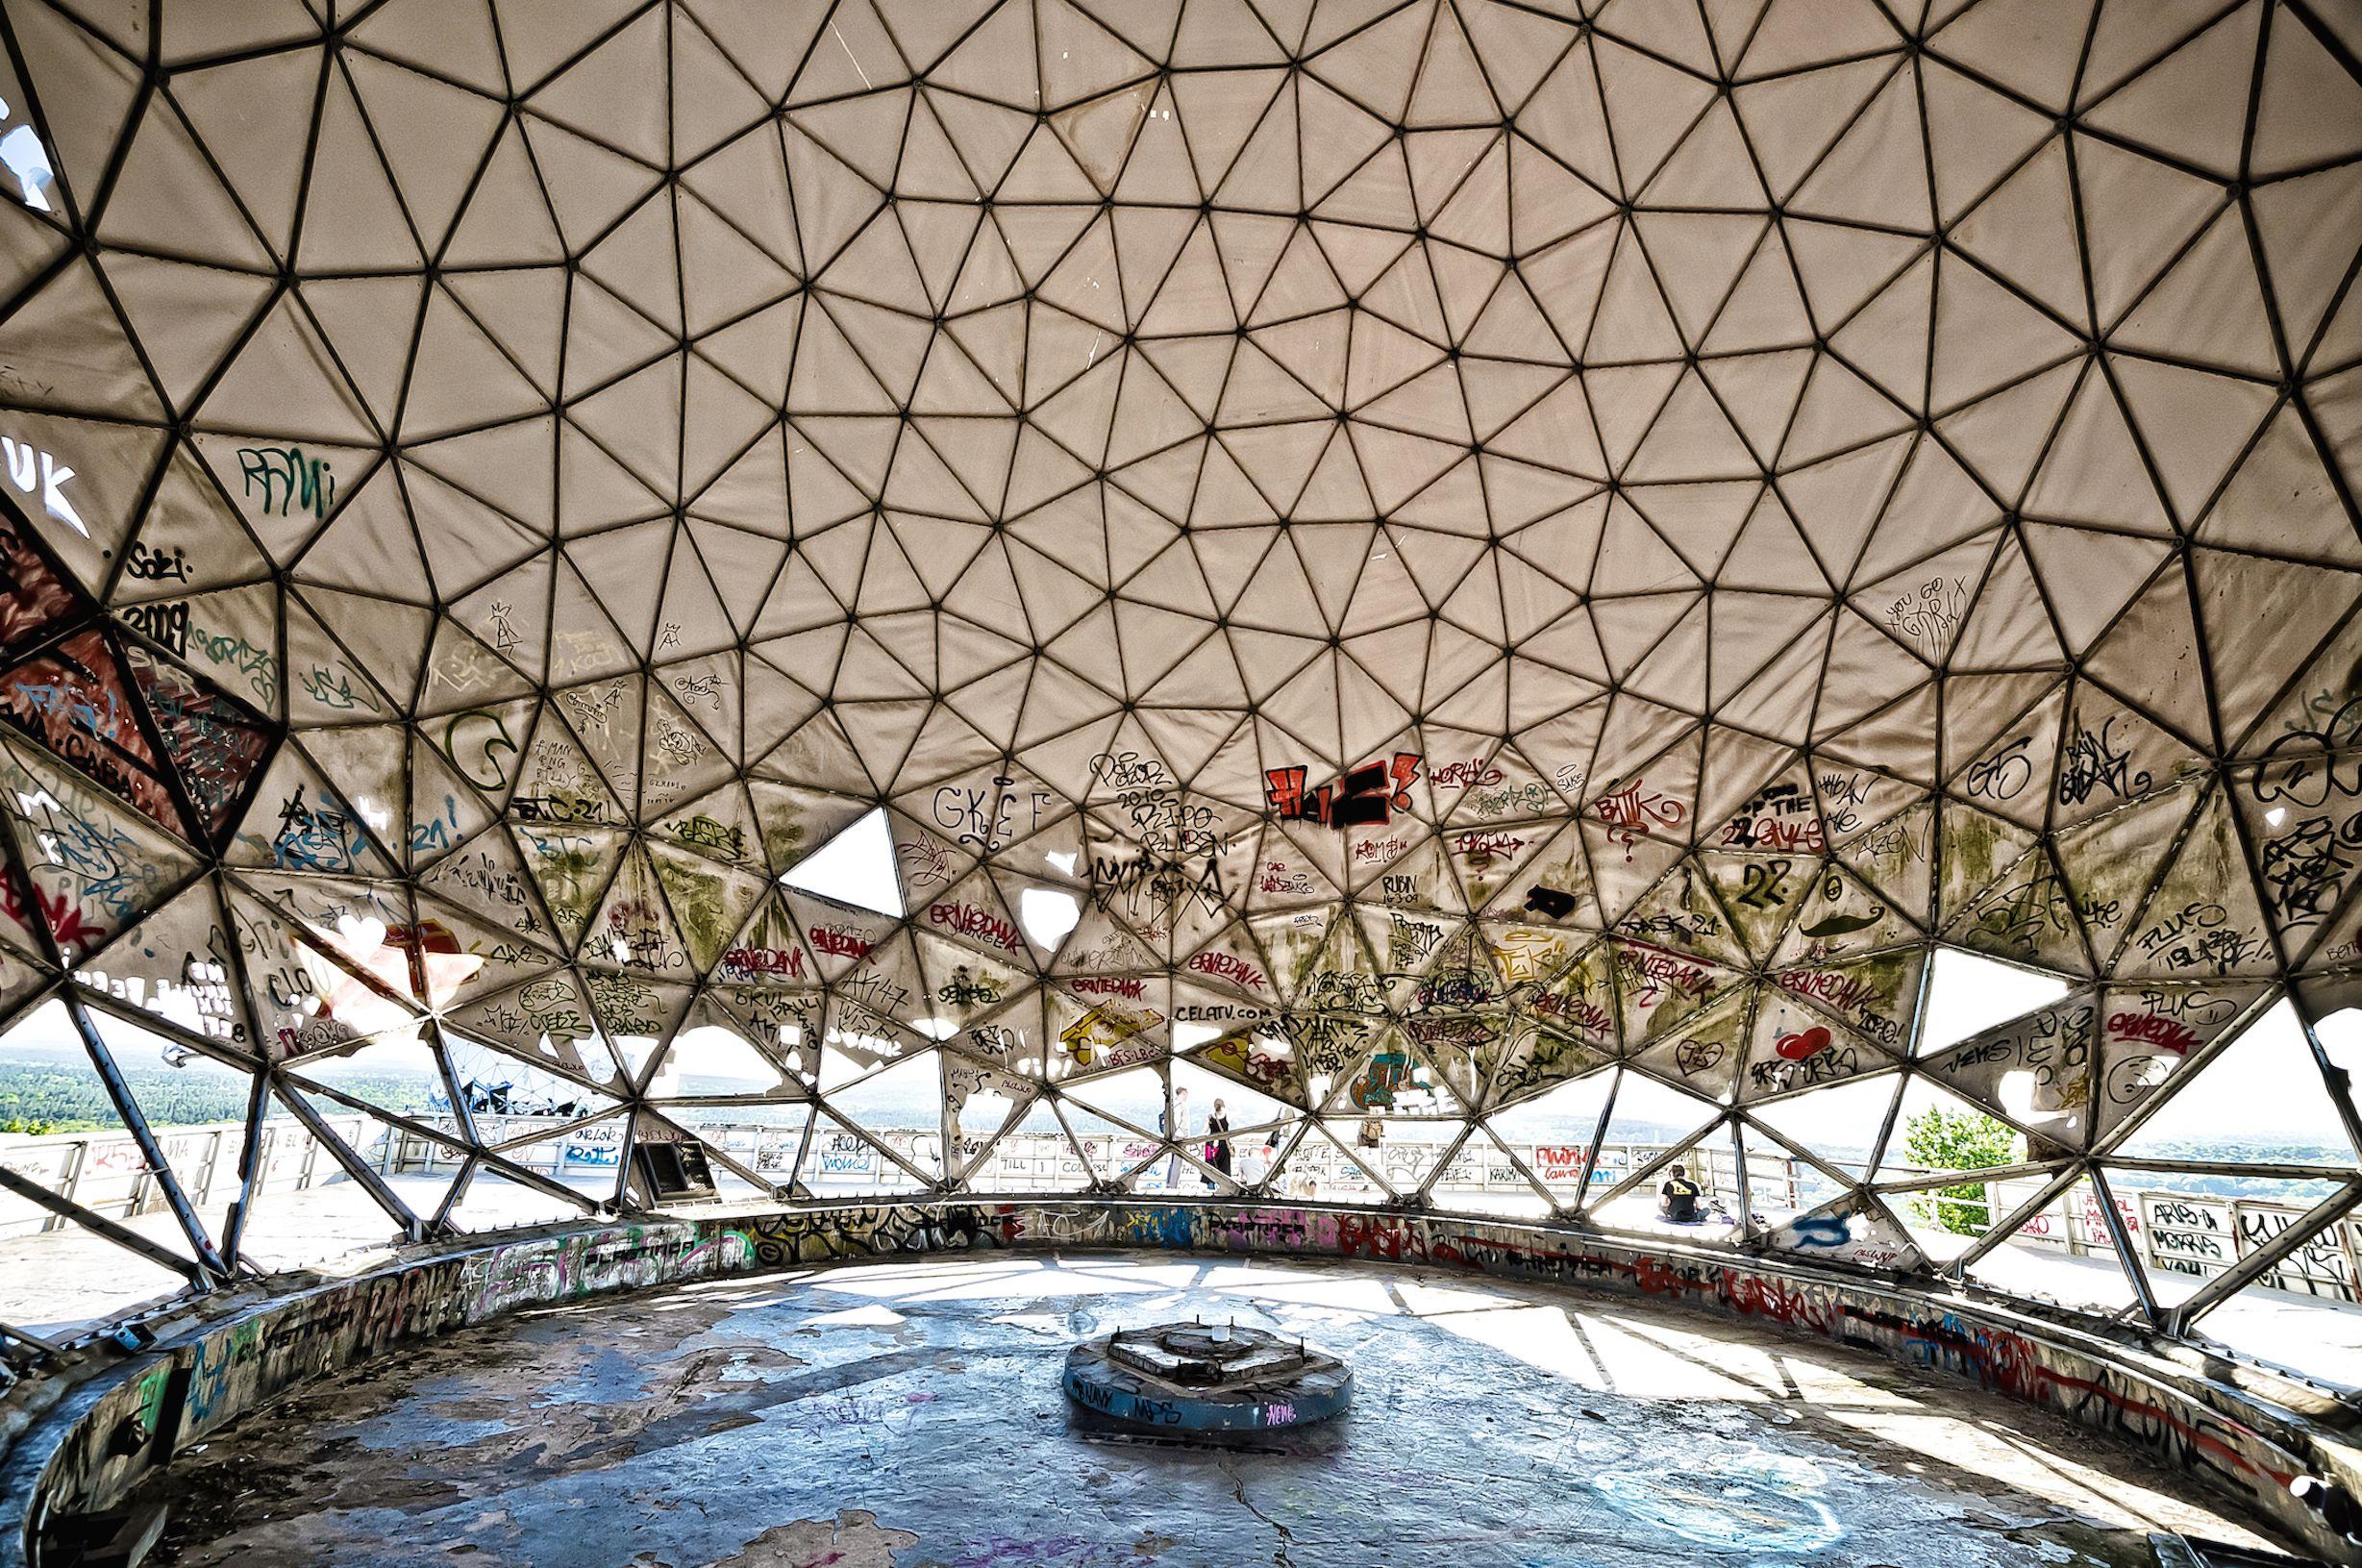 Englischer Garten Berlin Luxus Teufelsberg Berlin An Artificial Hill Made From Ed